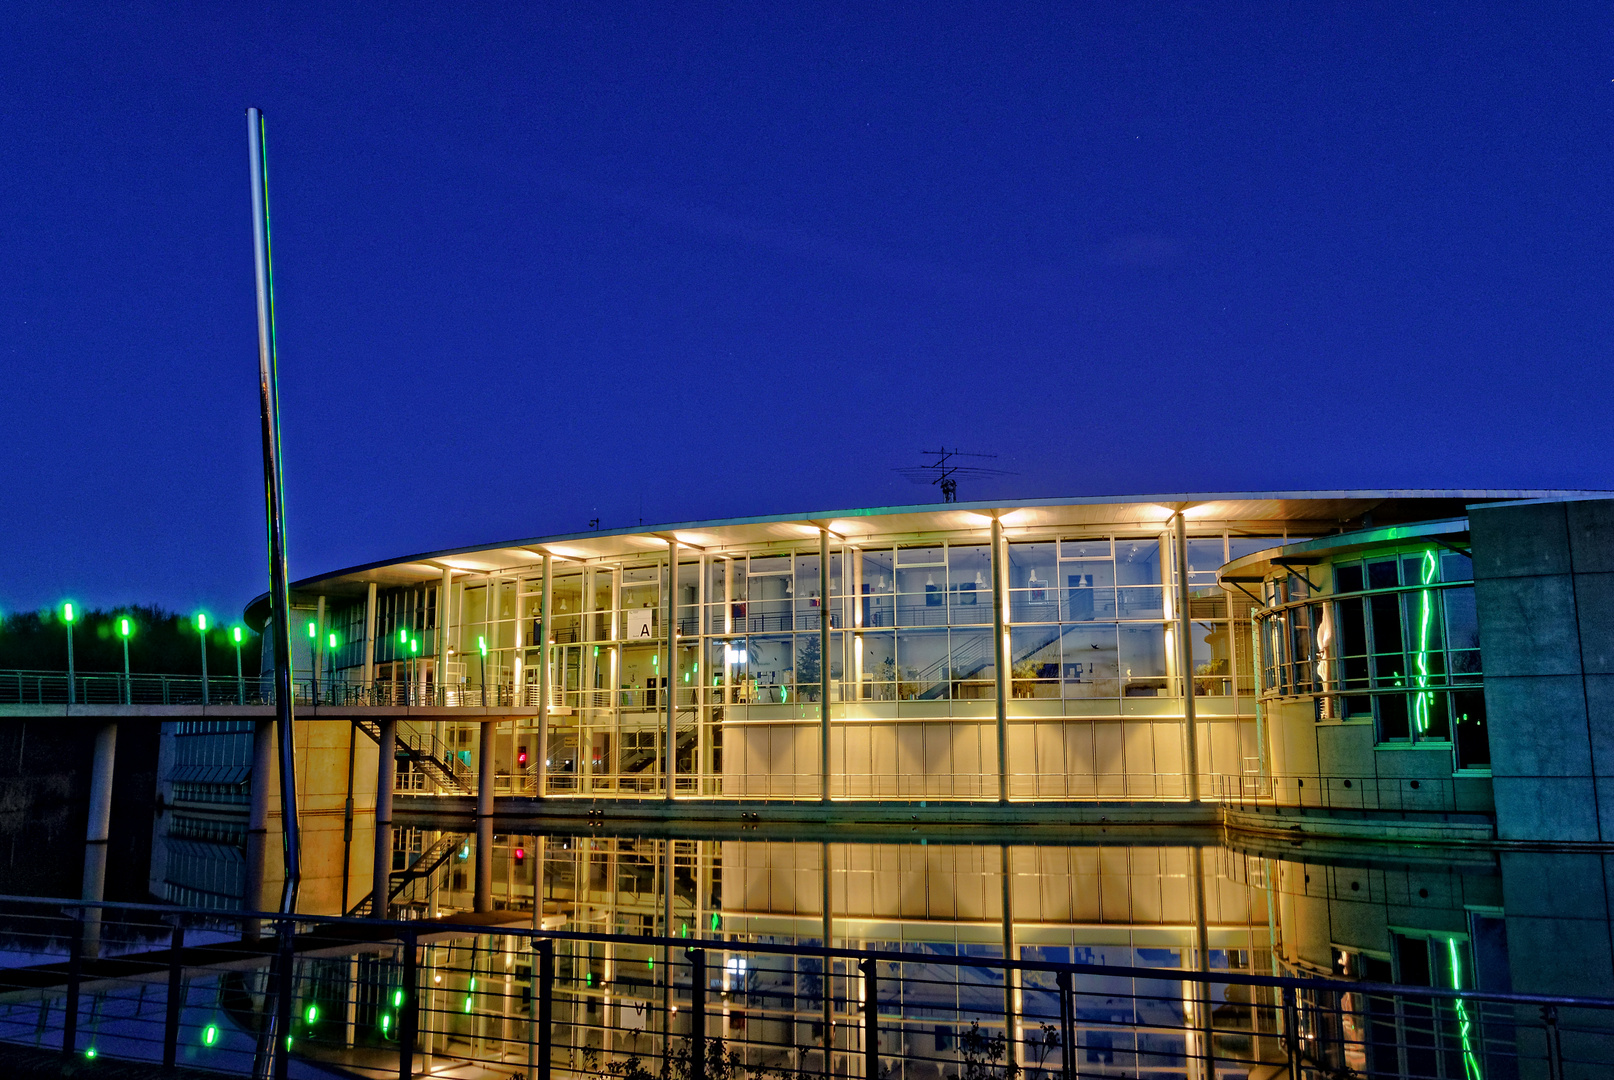 Fachhochschule bocholt foto bild nacht schule for Fachhochschule architektur